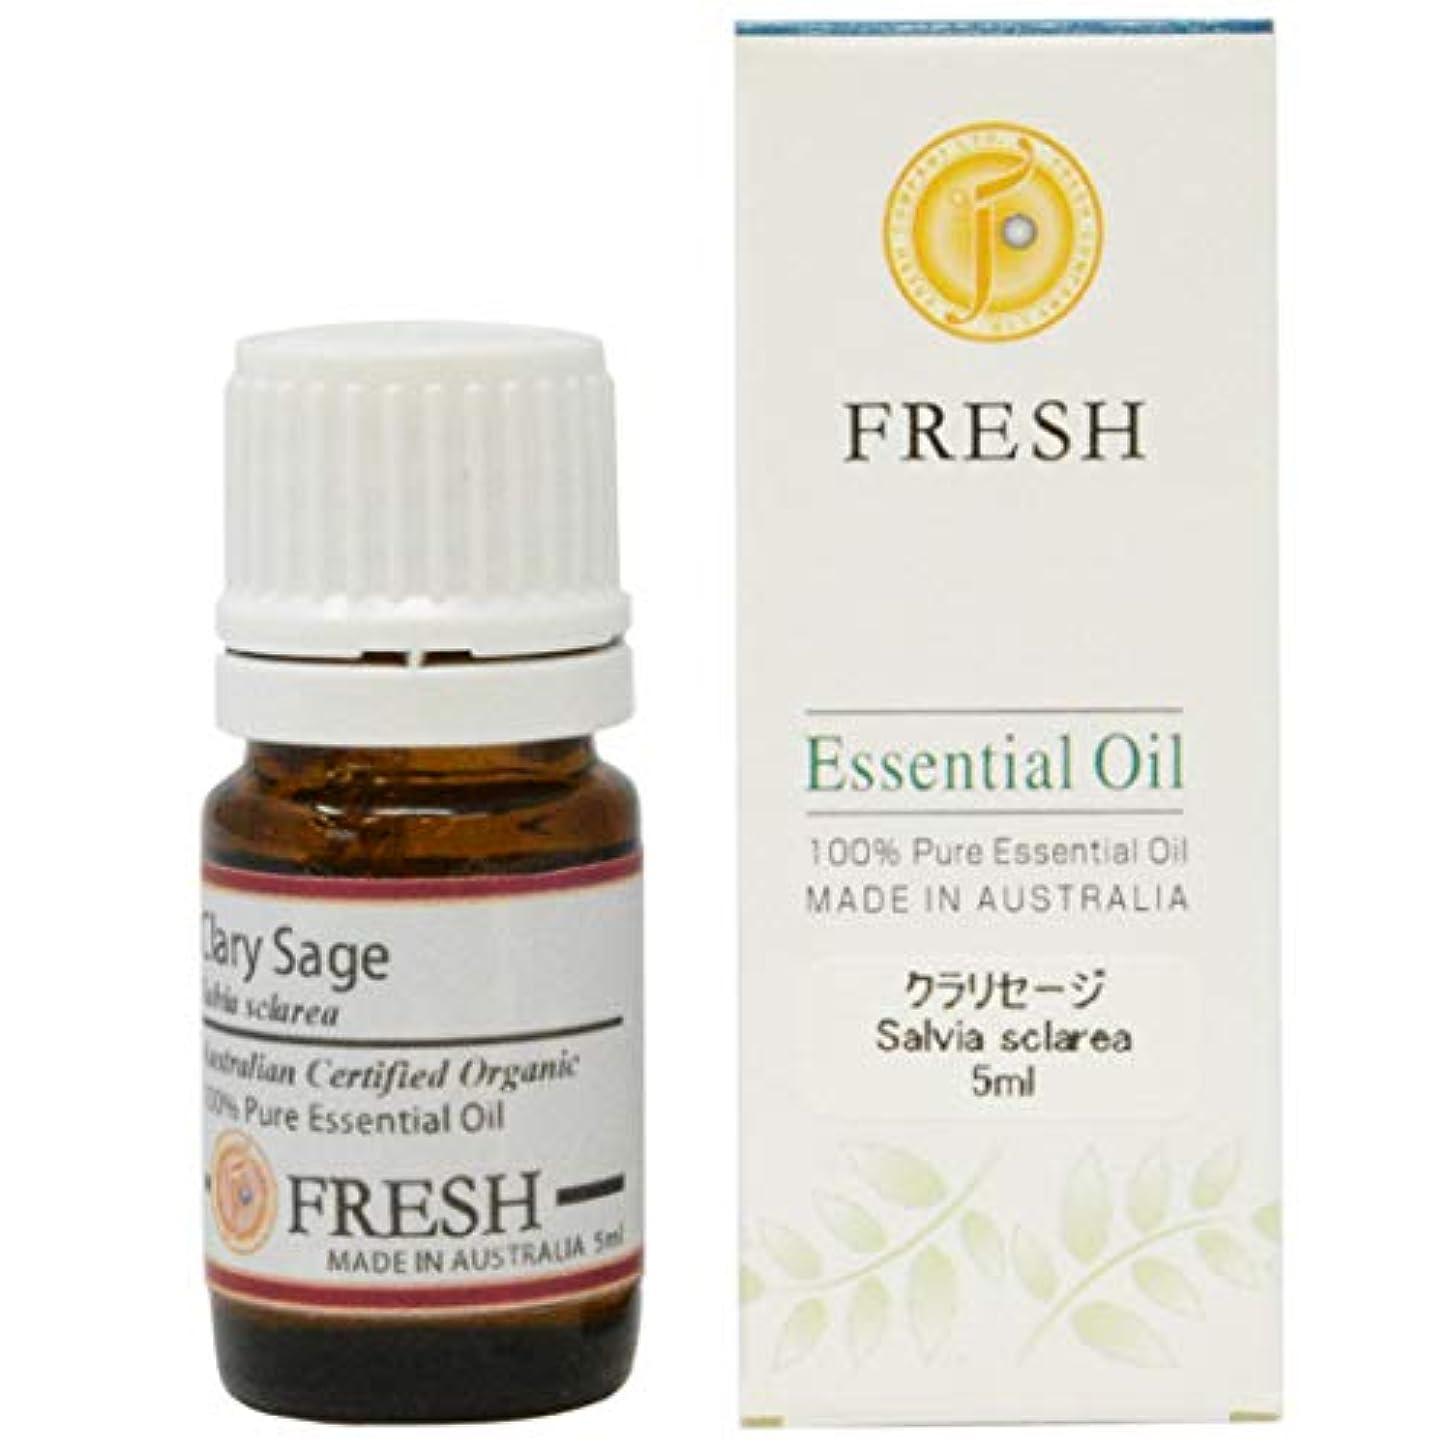 幸福ダイアクリティカル最後にFRESH オーガニック エッセンシャルオイル クラリセージ 5ml (FRESH 精油)